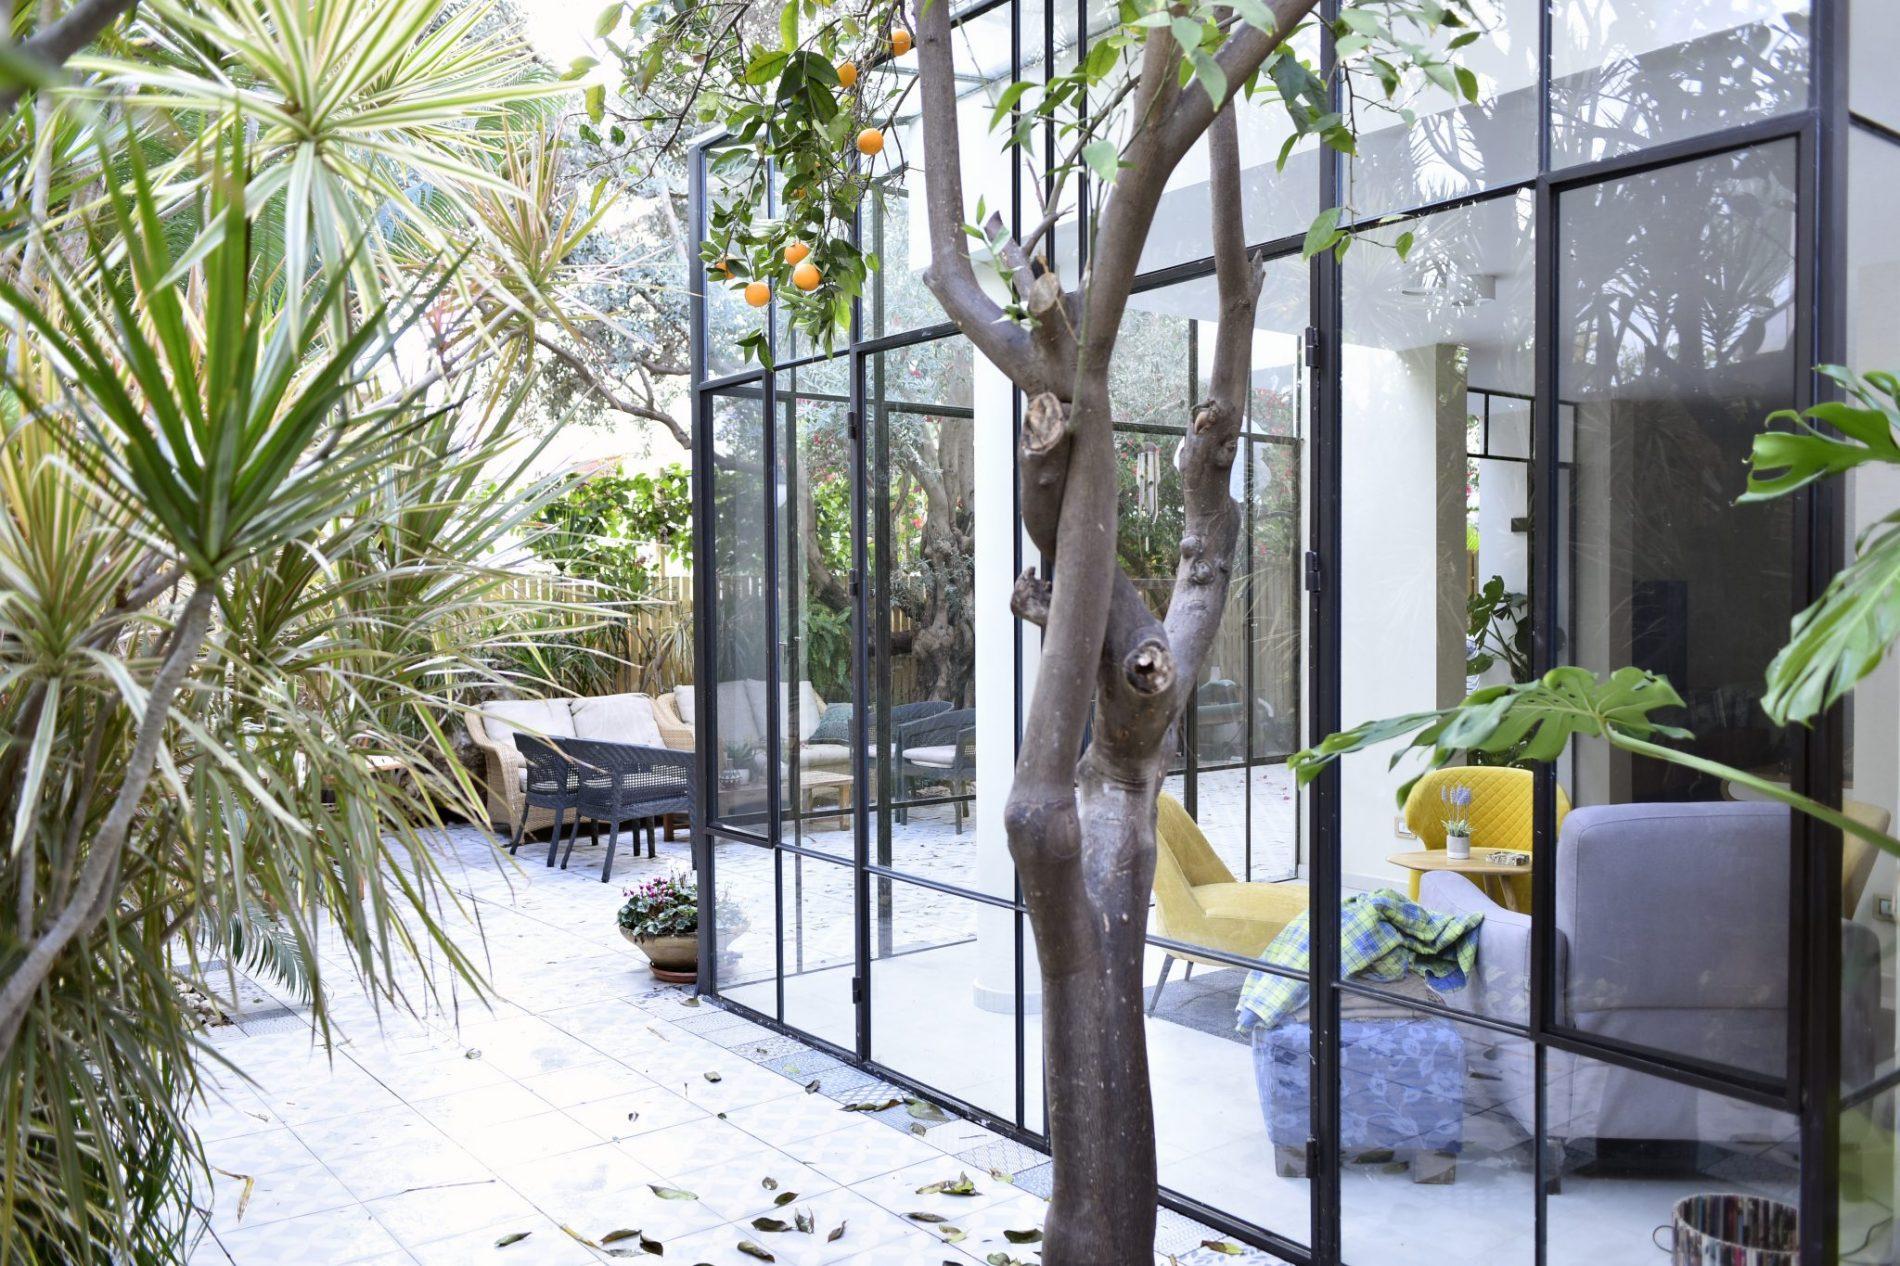 תחושה של קוביית זכוכית נוצרת מחיבור של שתי ויטרינות פרופיל בלגי בפינת הבית– פרוייקט ארטפרו באור יהודה